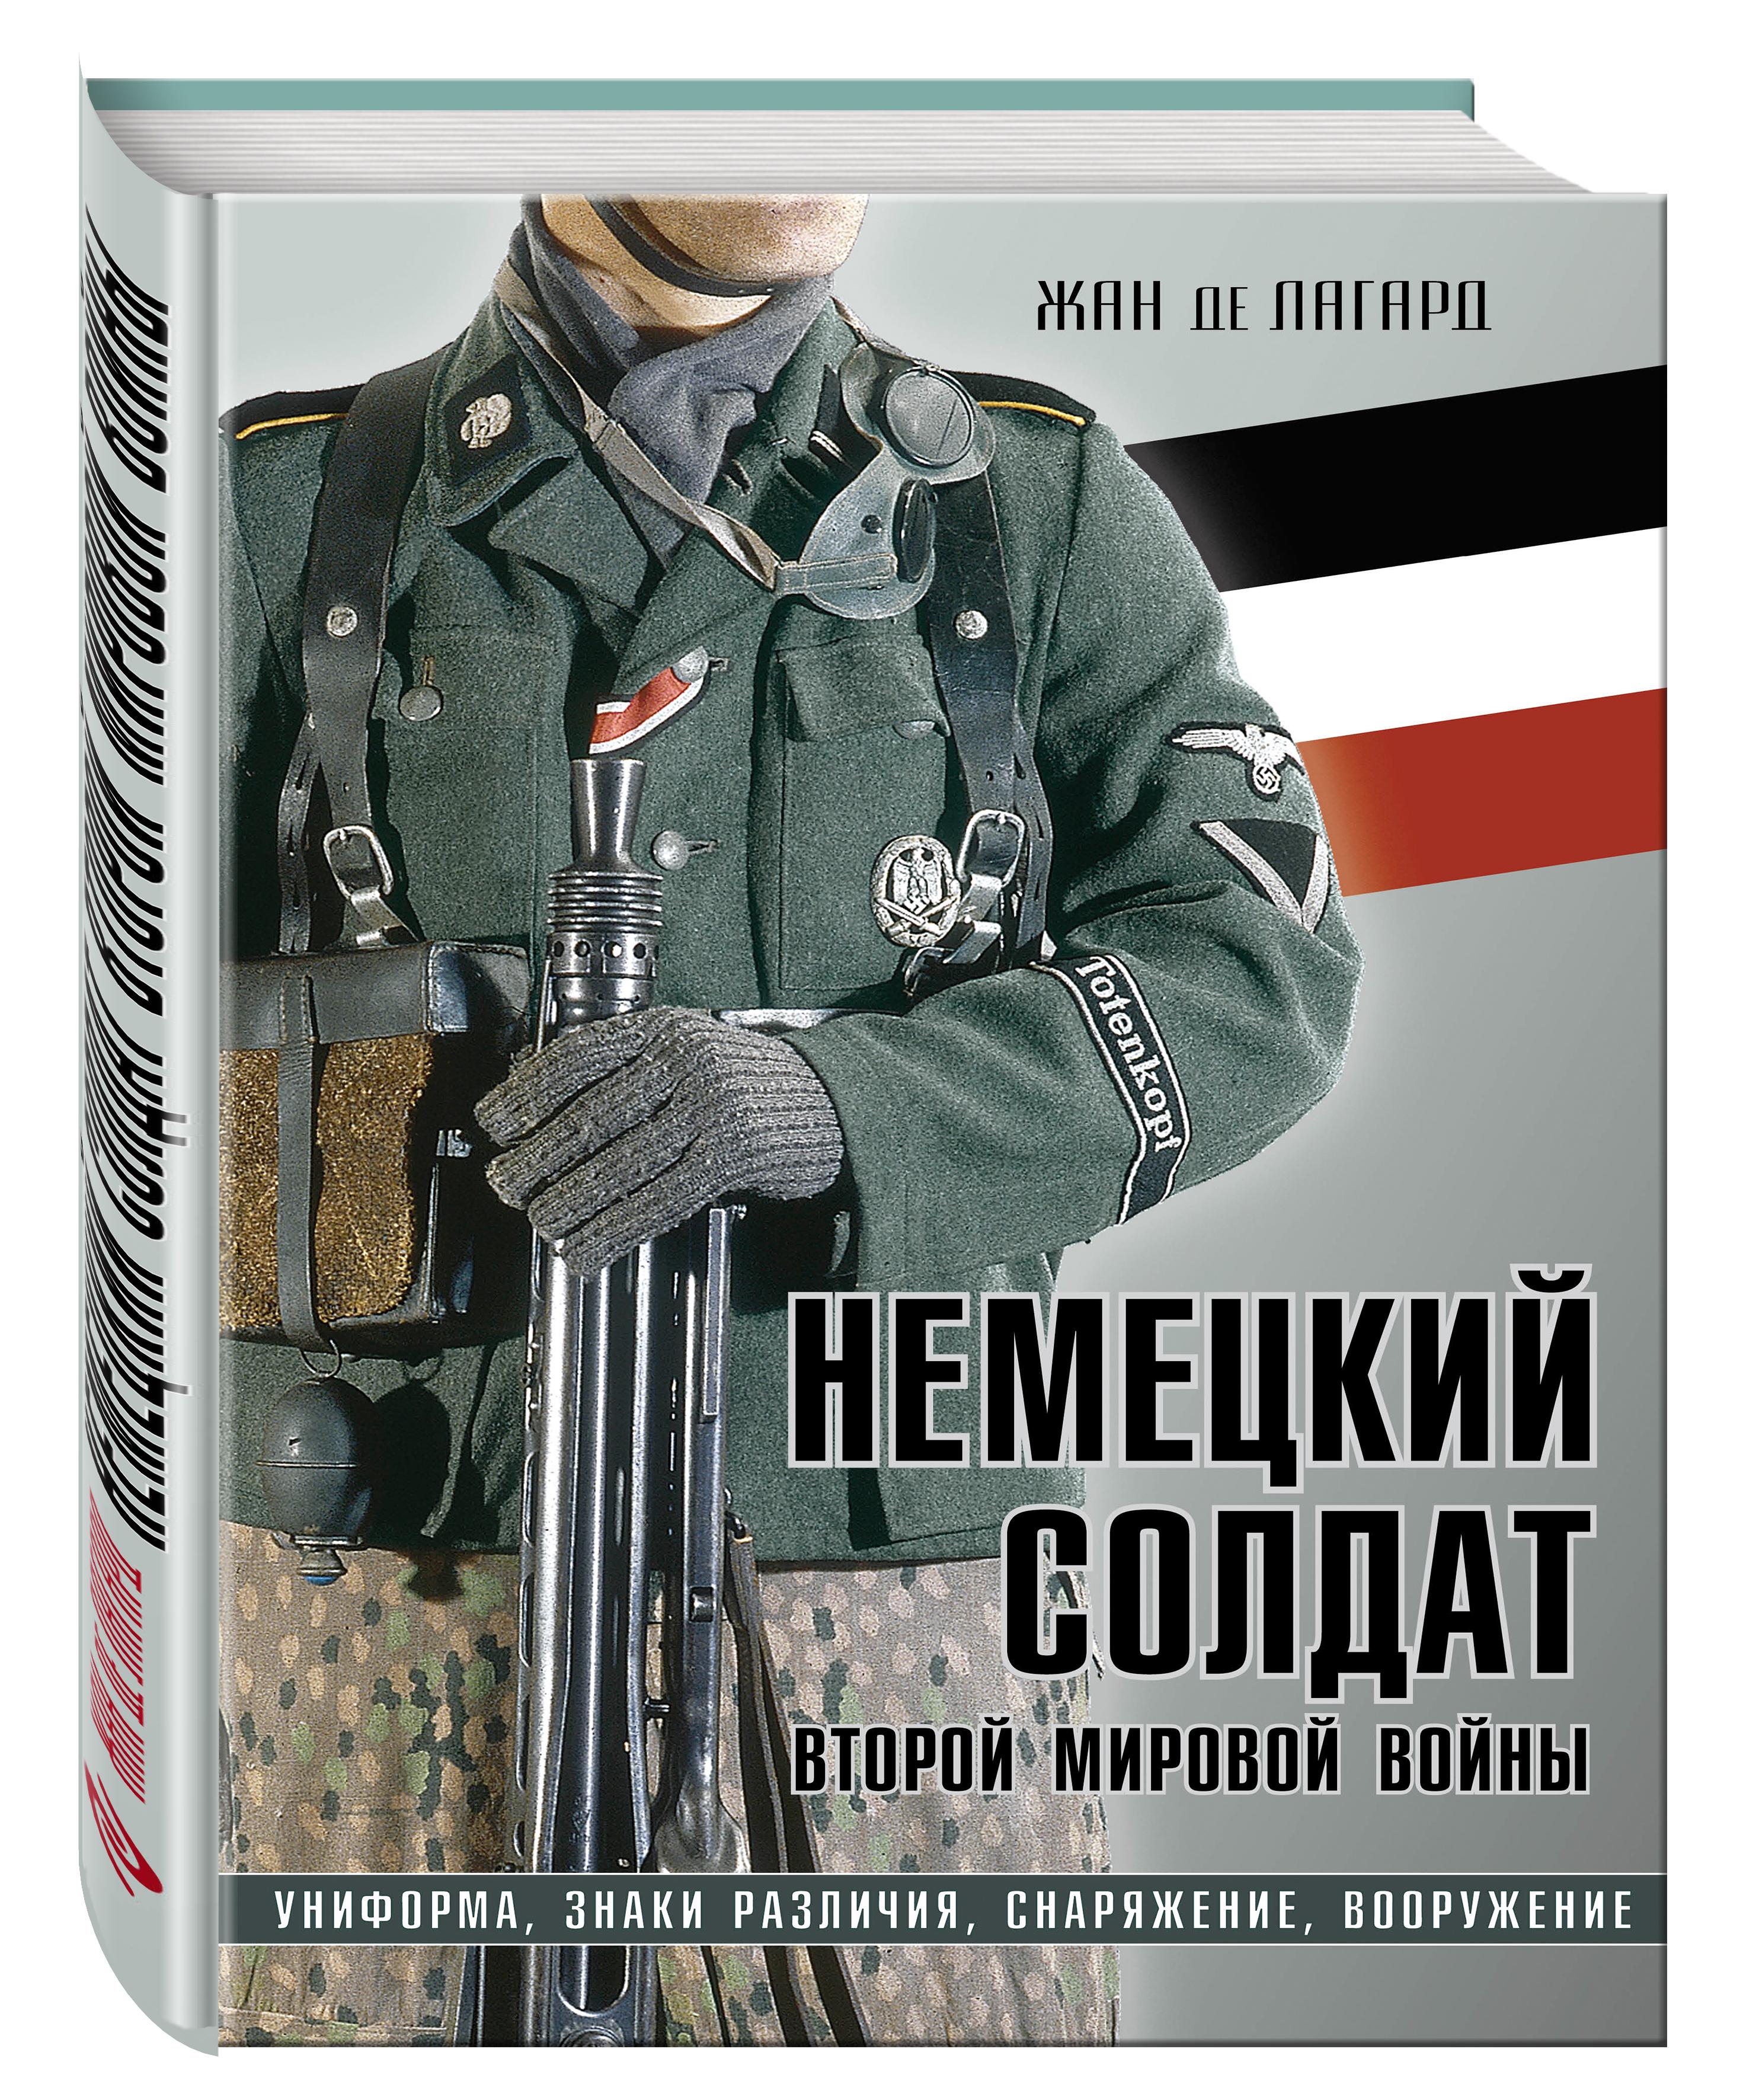 Лагард Ж. де Немецкий солдат Второй мировой войны. Униформа, знаки различия, снаряжение и вооружение